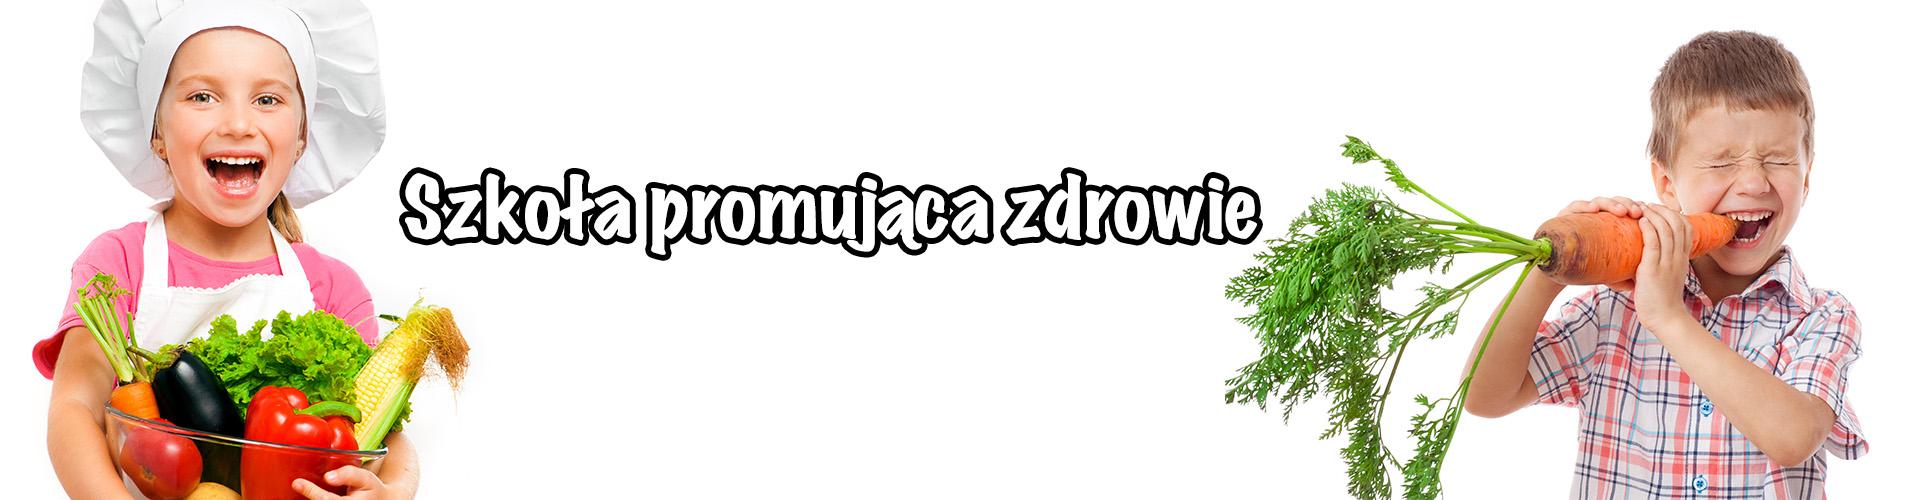 prom_zdrowie